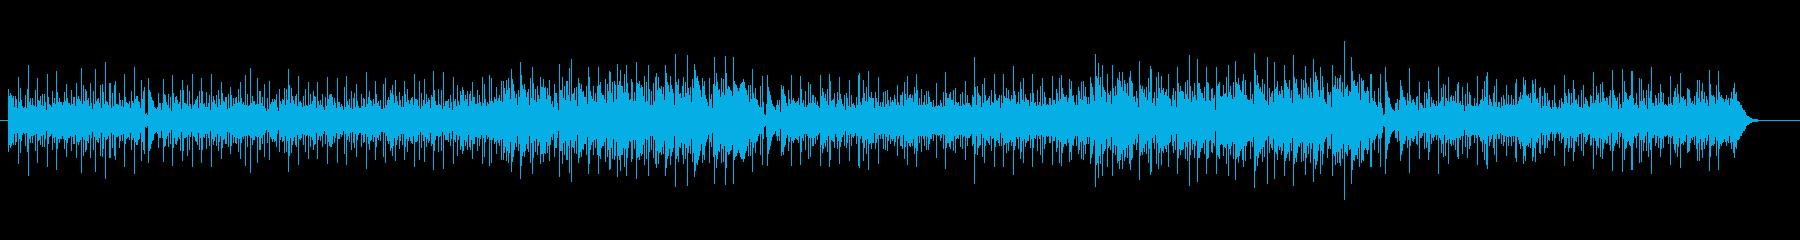 ゴージャスなピアノのメロディーの再生済みの波形